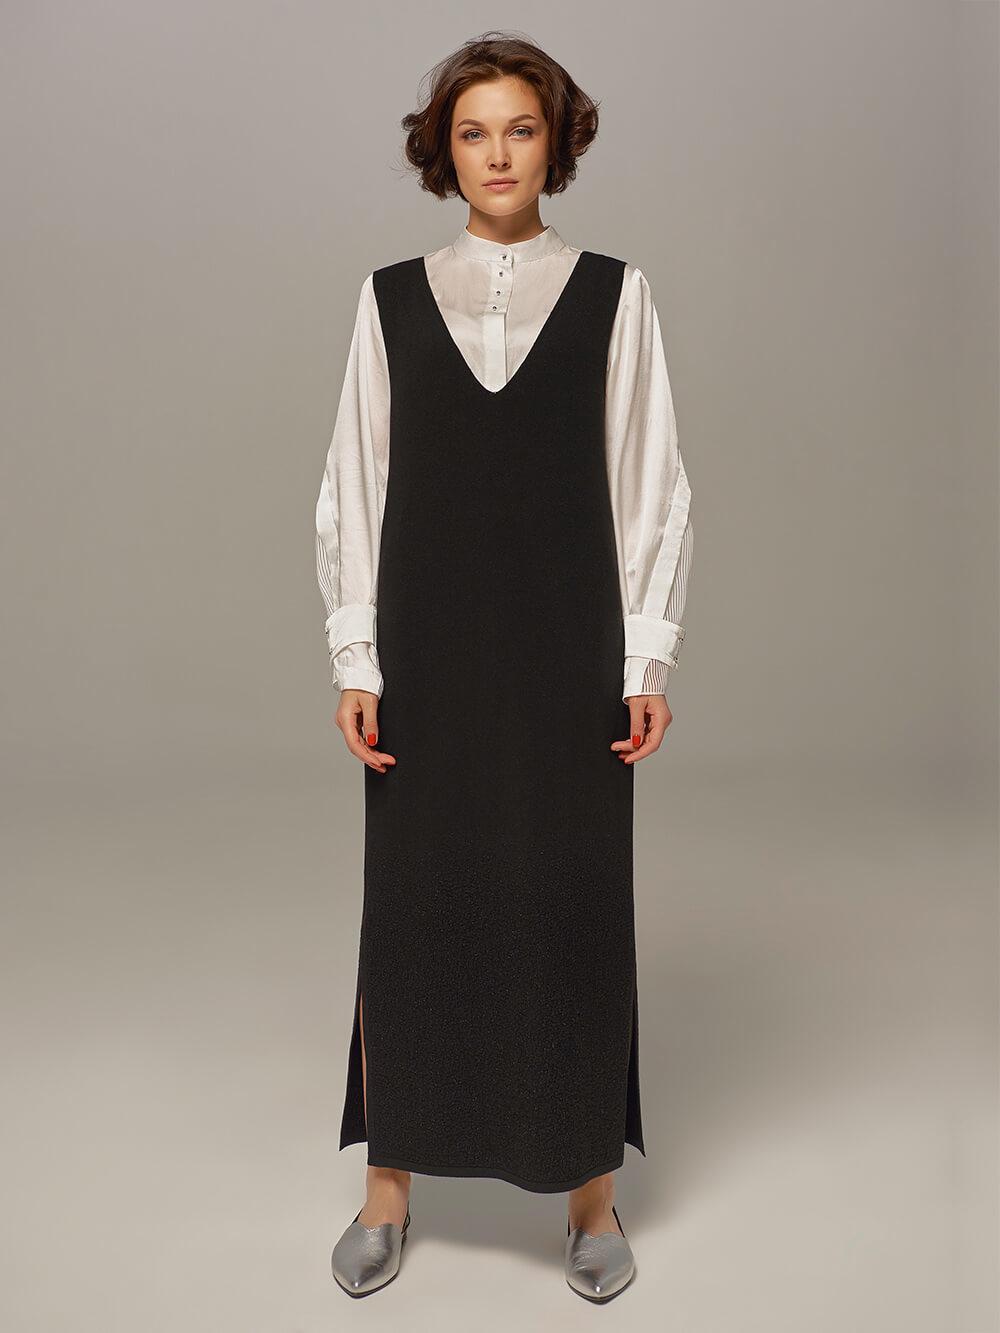 Женское шерстяное платье черного цвета без рукавов - фото 1